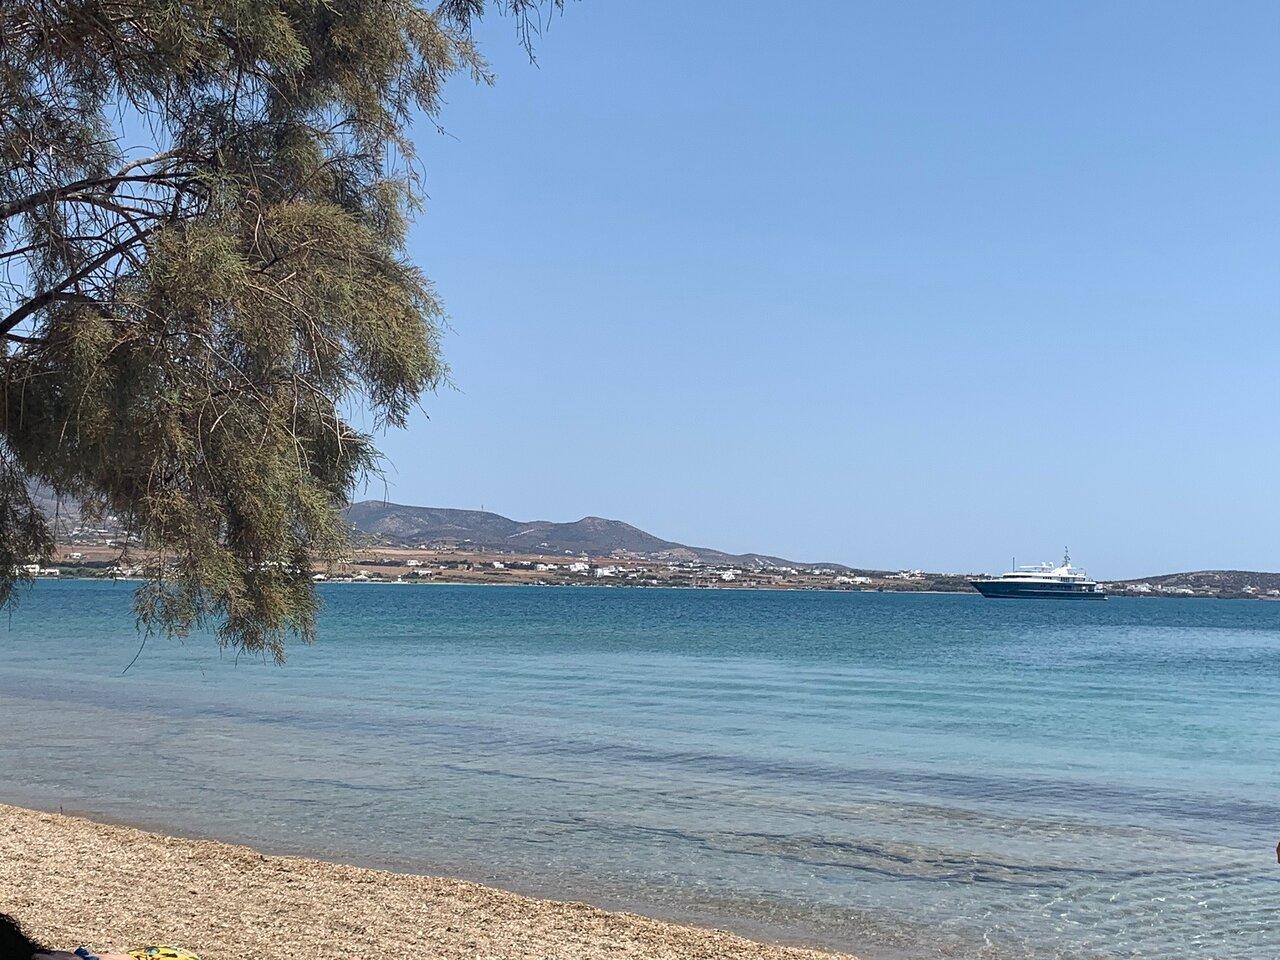 Παραλία Ψαραλυκή (Αντίπαρος, Ελλάδα) - Κριτικές